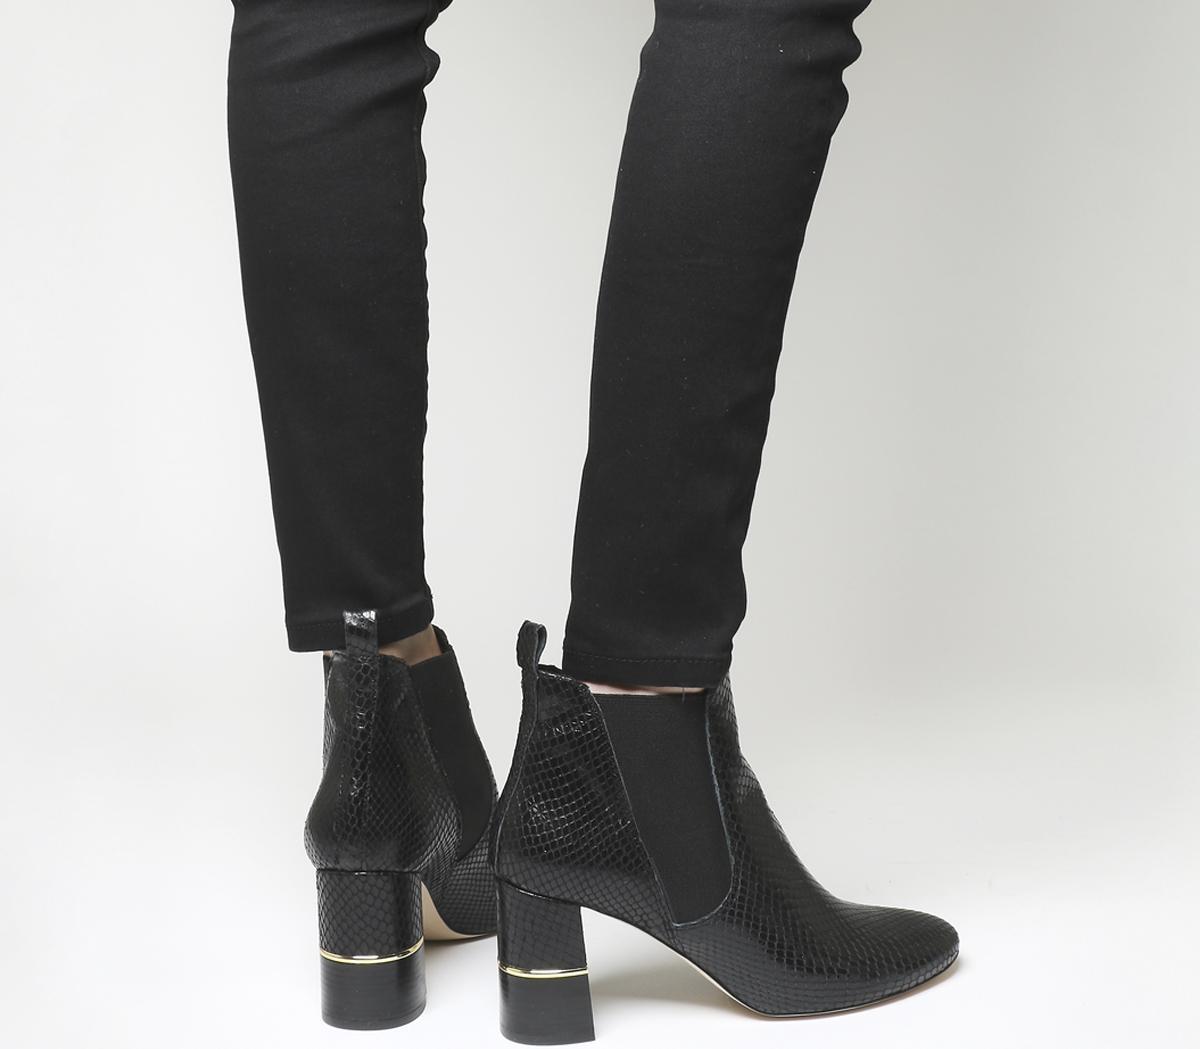 Autumn Block Heel Boots